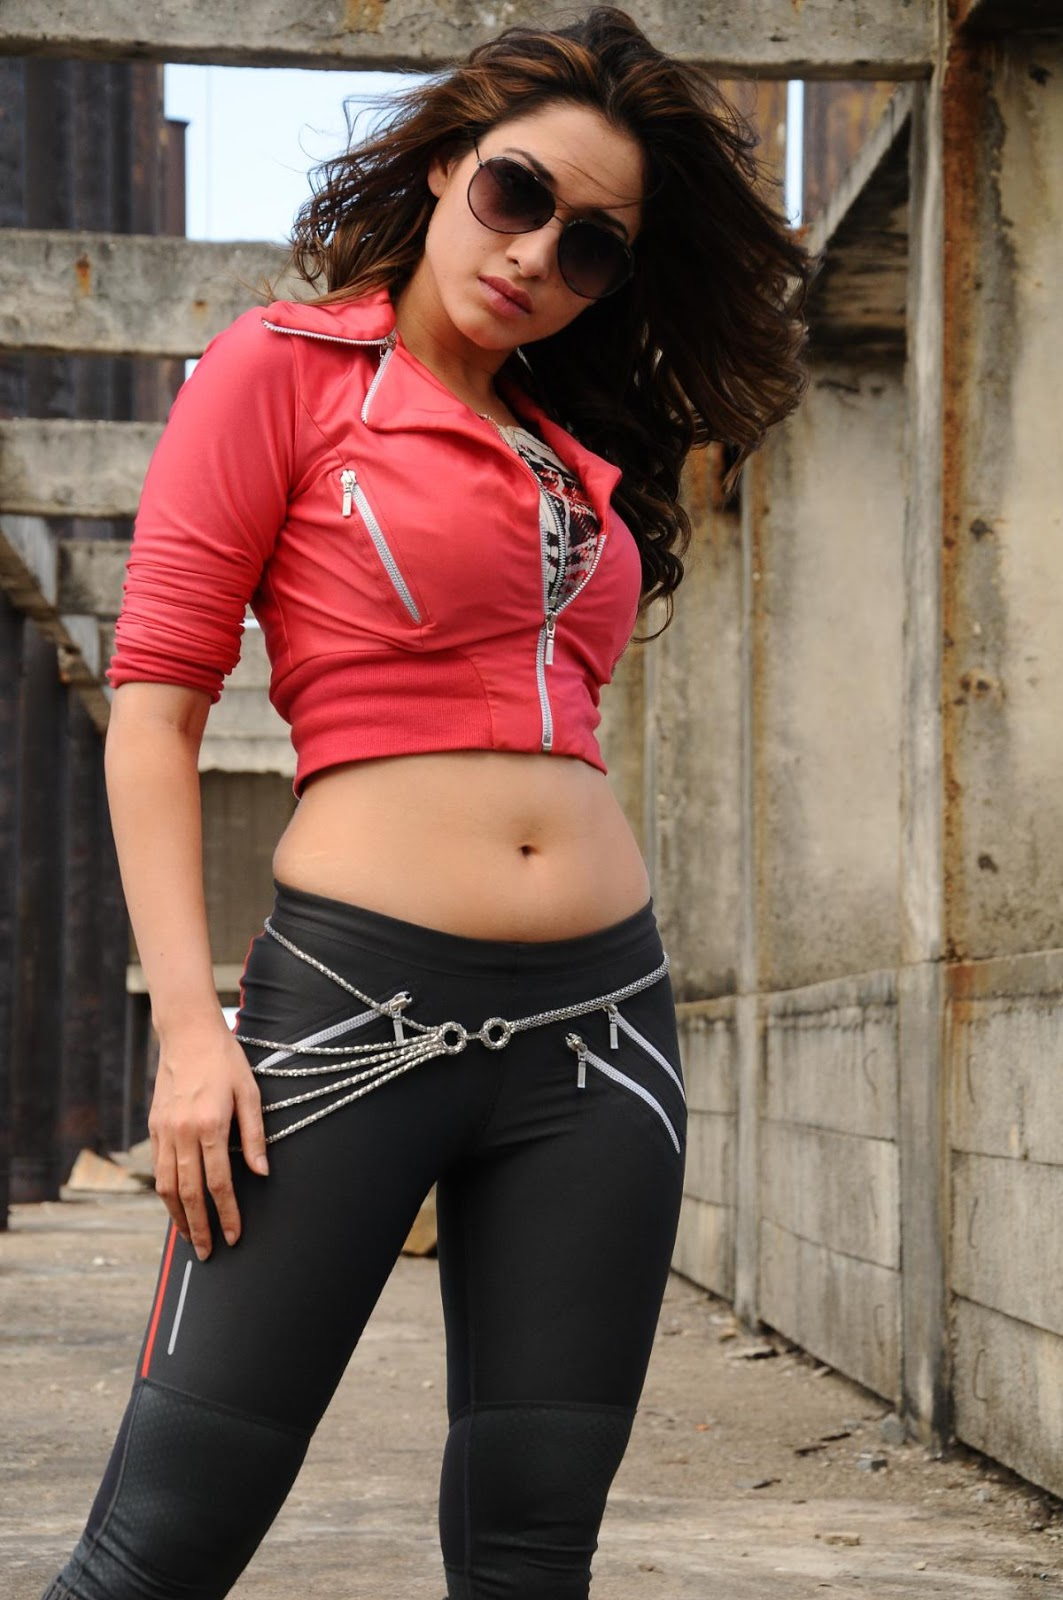 Tamanna Without Makeup: Tamanna Hot Without Dress Images